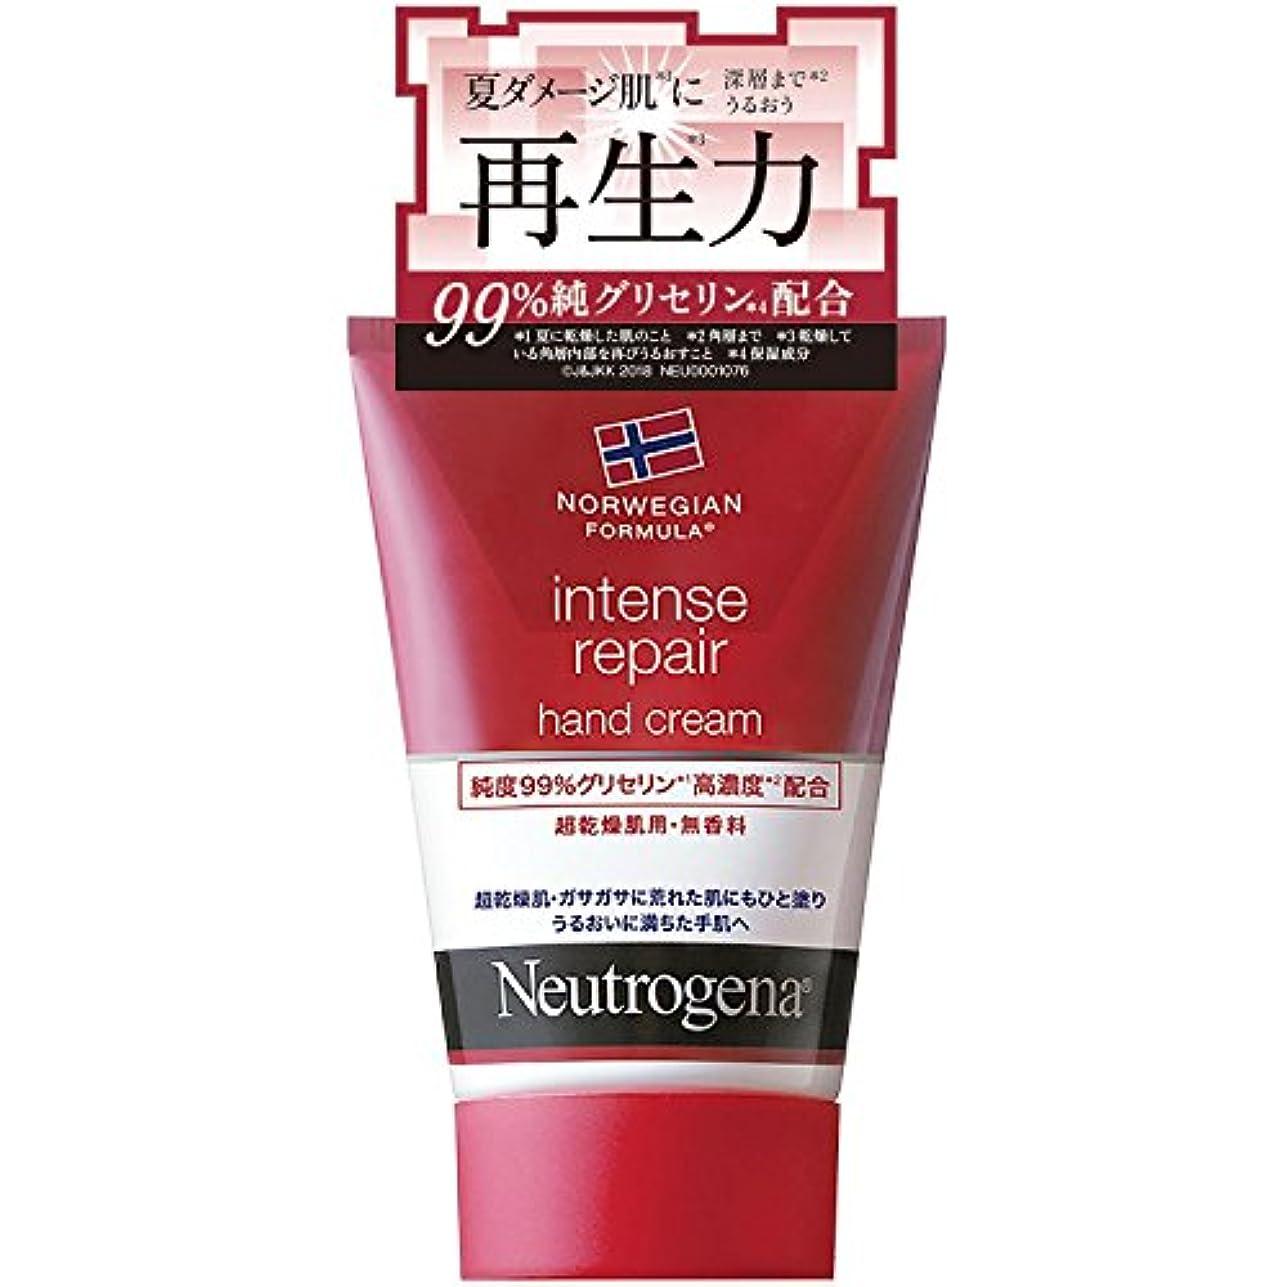 アクティビティ自由ドラムNeutrogena(ニュートロジーナ) ノルウェーフォーミュラ インテンスリペア ハンドクリーム 超乾燥肌用 無香料 単品 50g